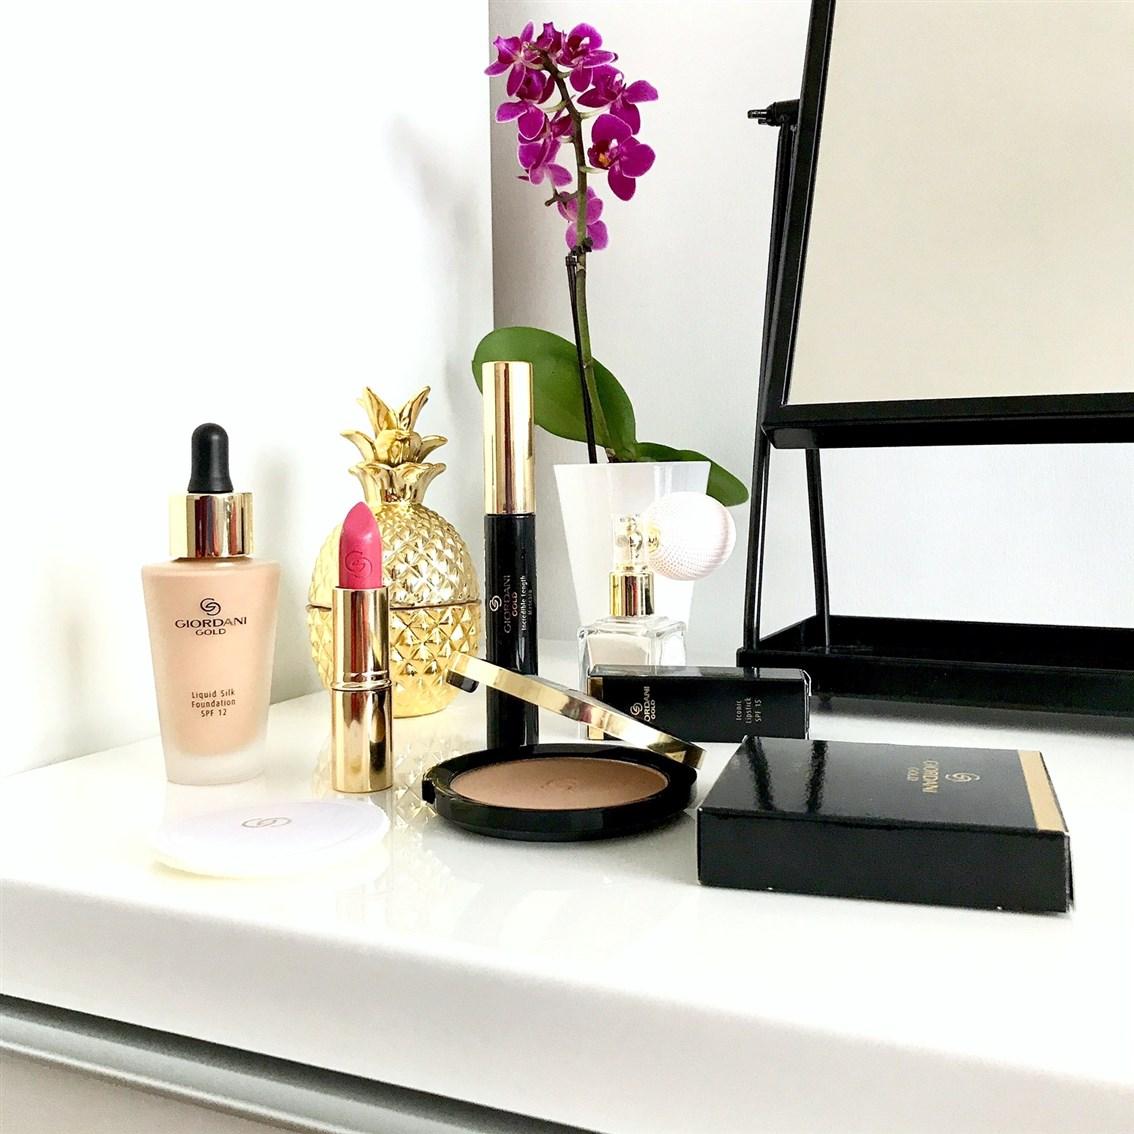 zdjęcie przedstawiające kosmetyki do makijażu Oriflame Giordani Gold